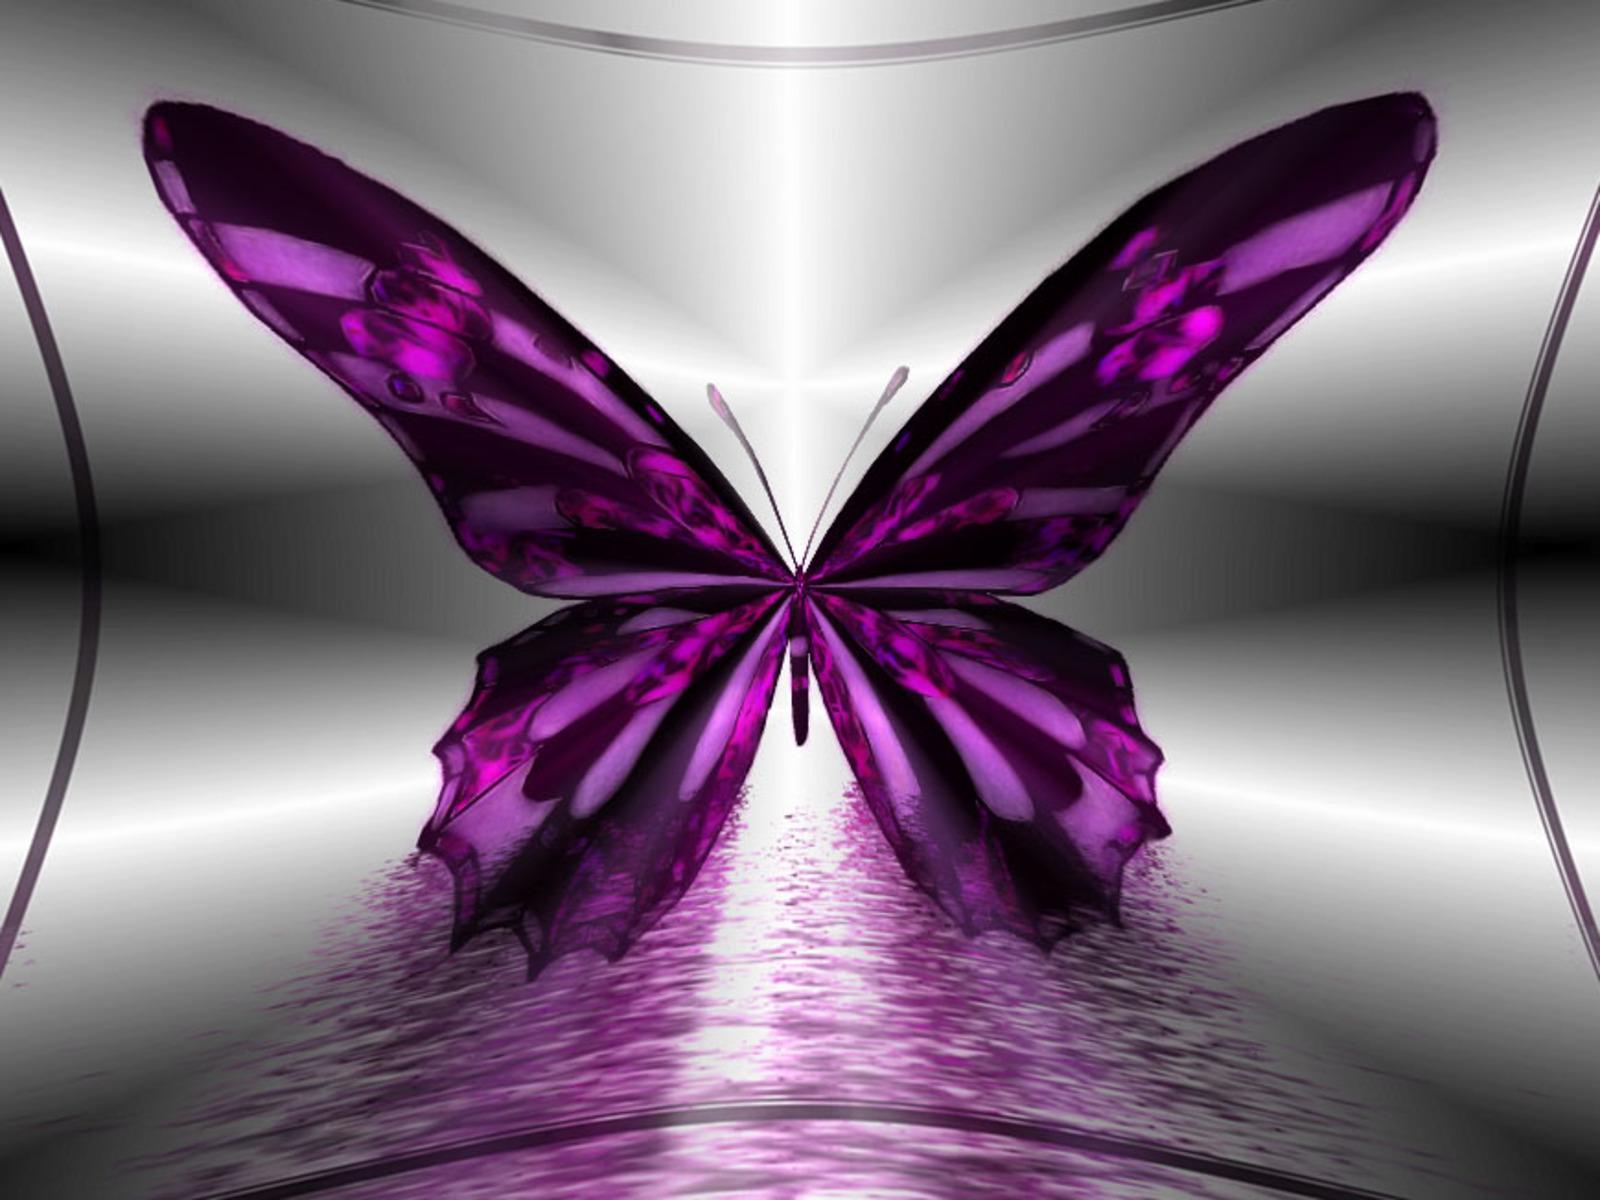 amazing purple butterfly hd pc wallpaper 1600x1200